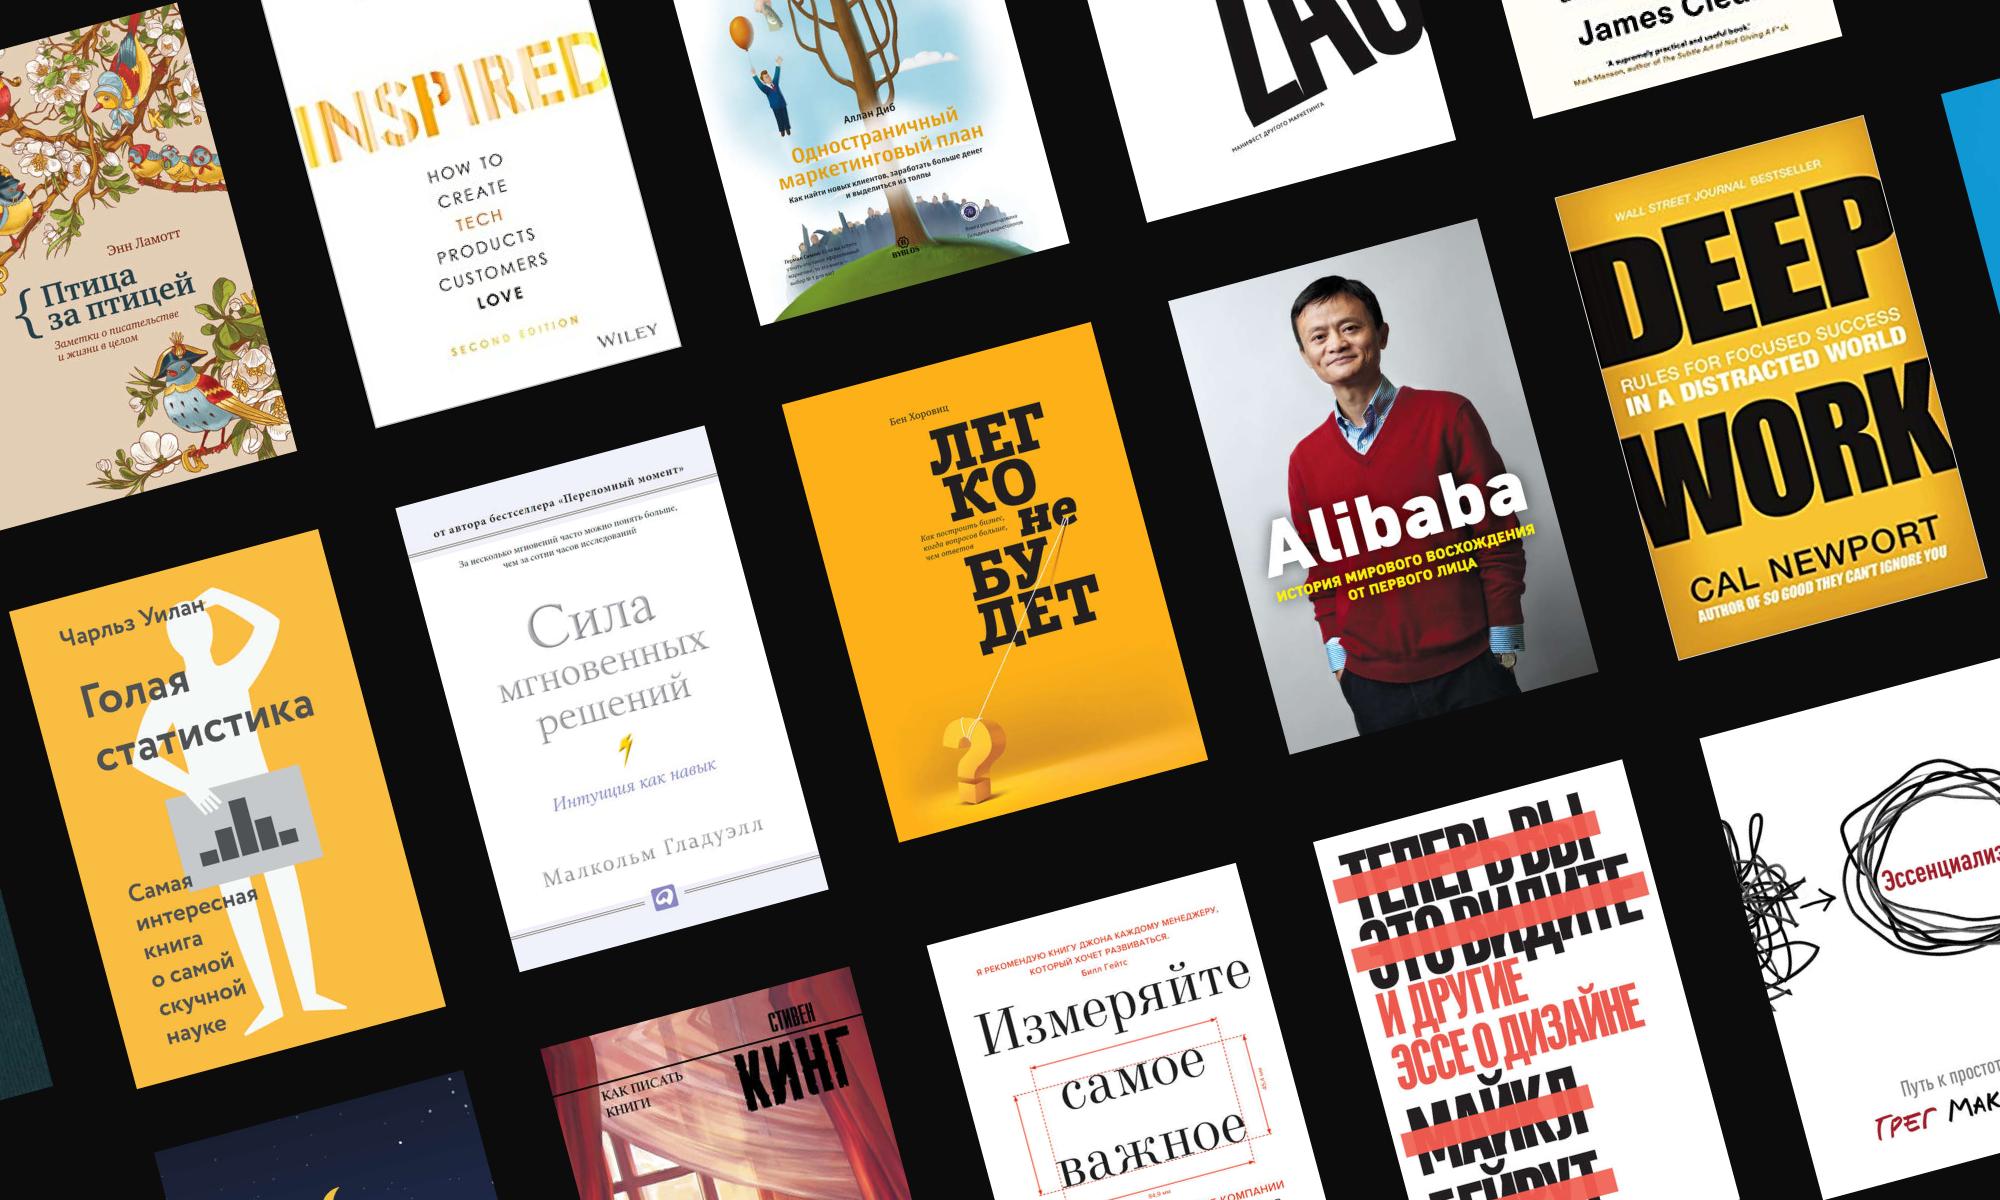 Мнение о 17 нон-фикшн книгах, которые я прочел за январь-февраль 2019 года